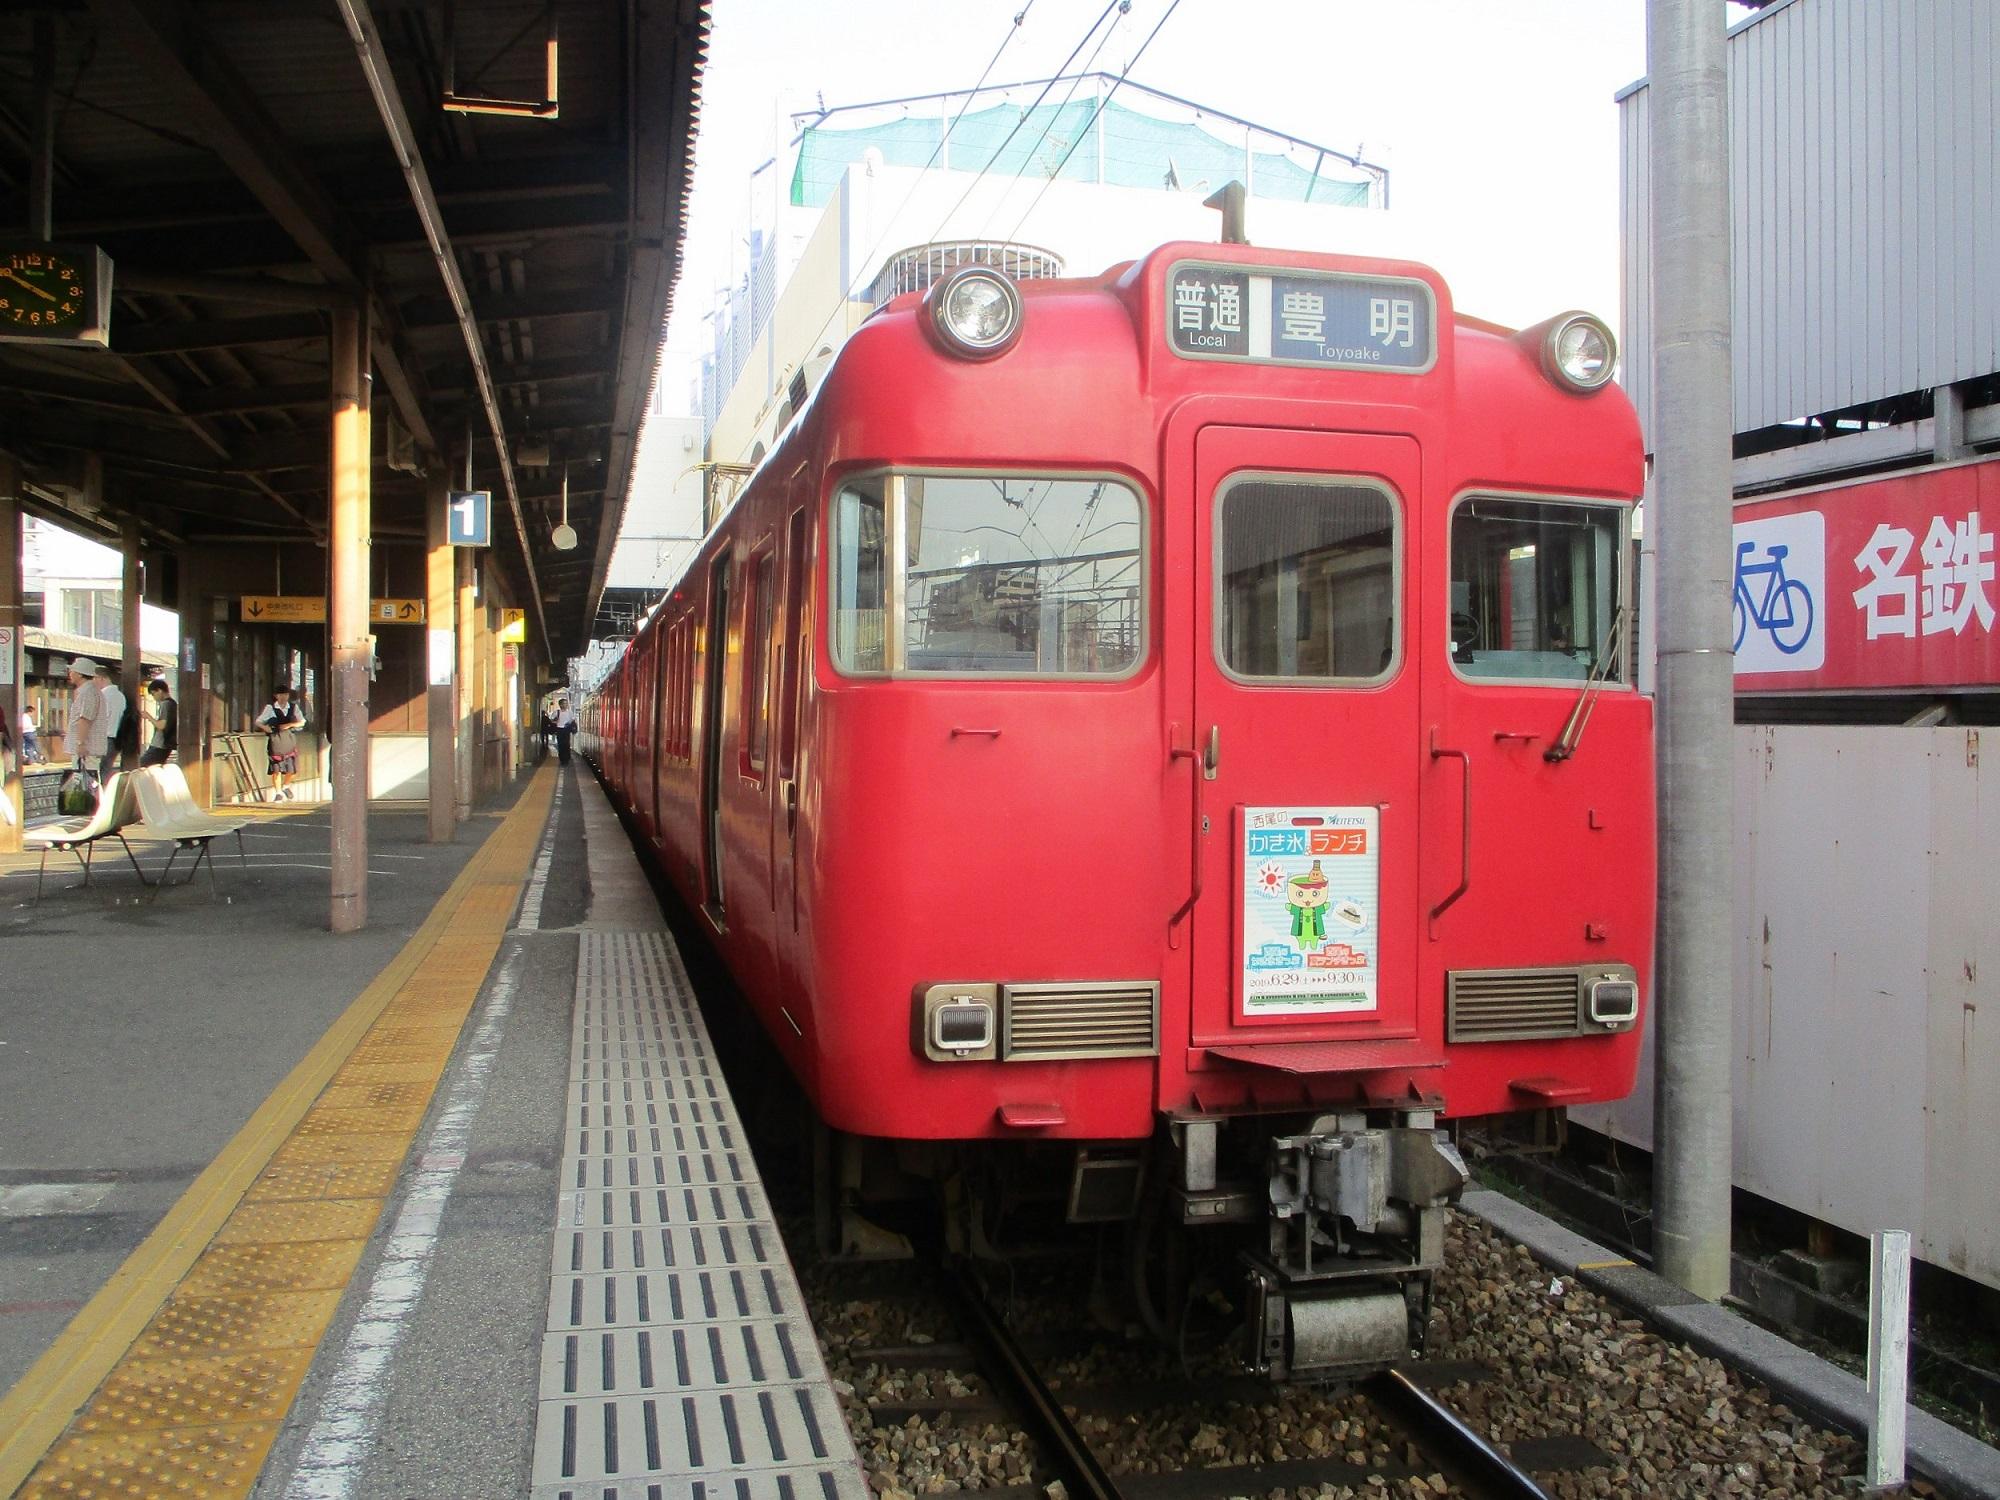 2019.9.30 (25) 東岡崎 - 豊明いきふつう 2000-1500